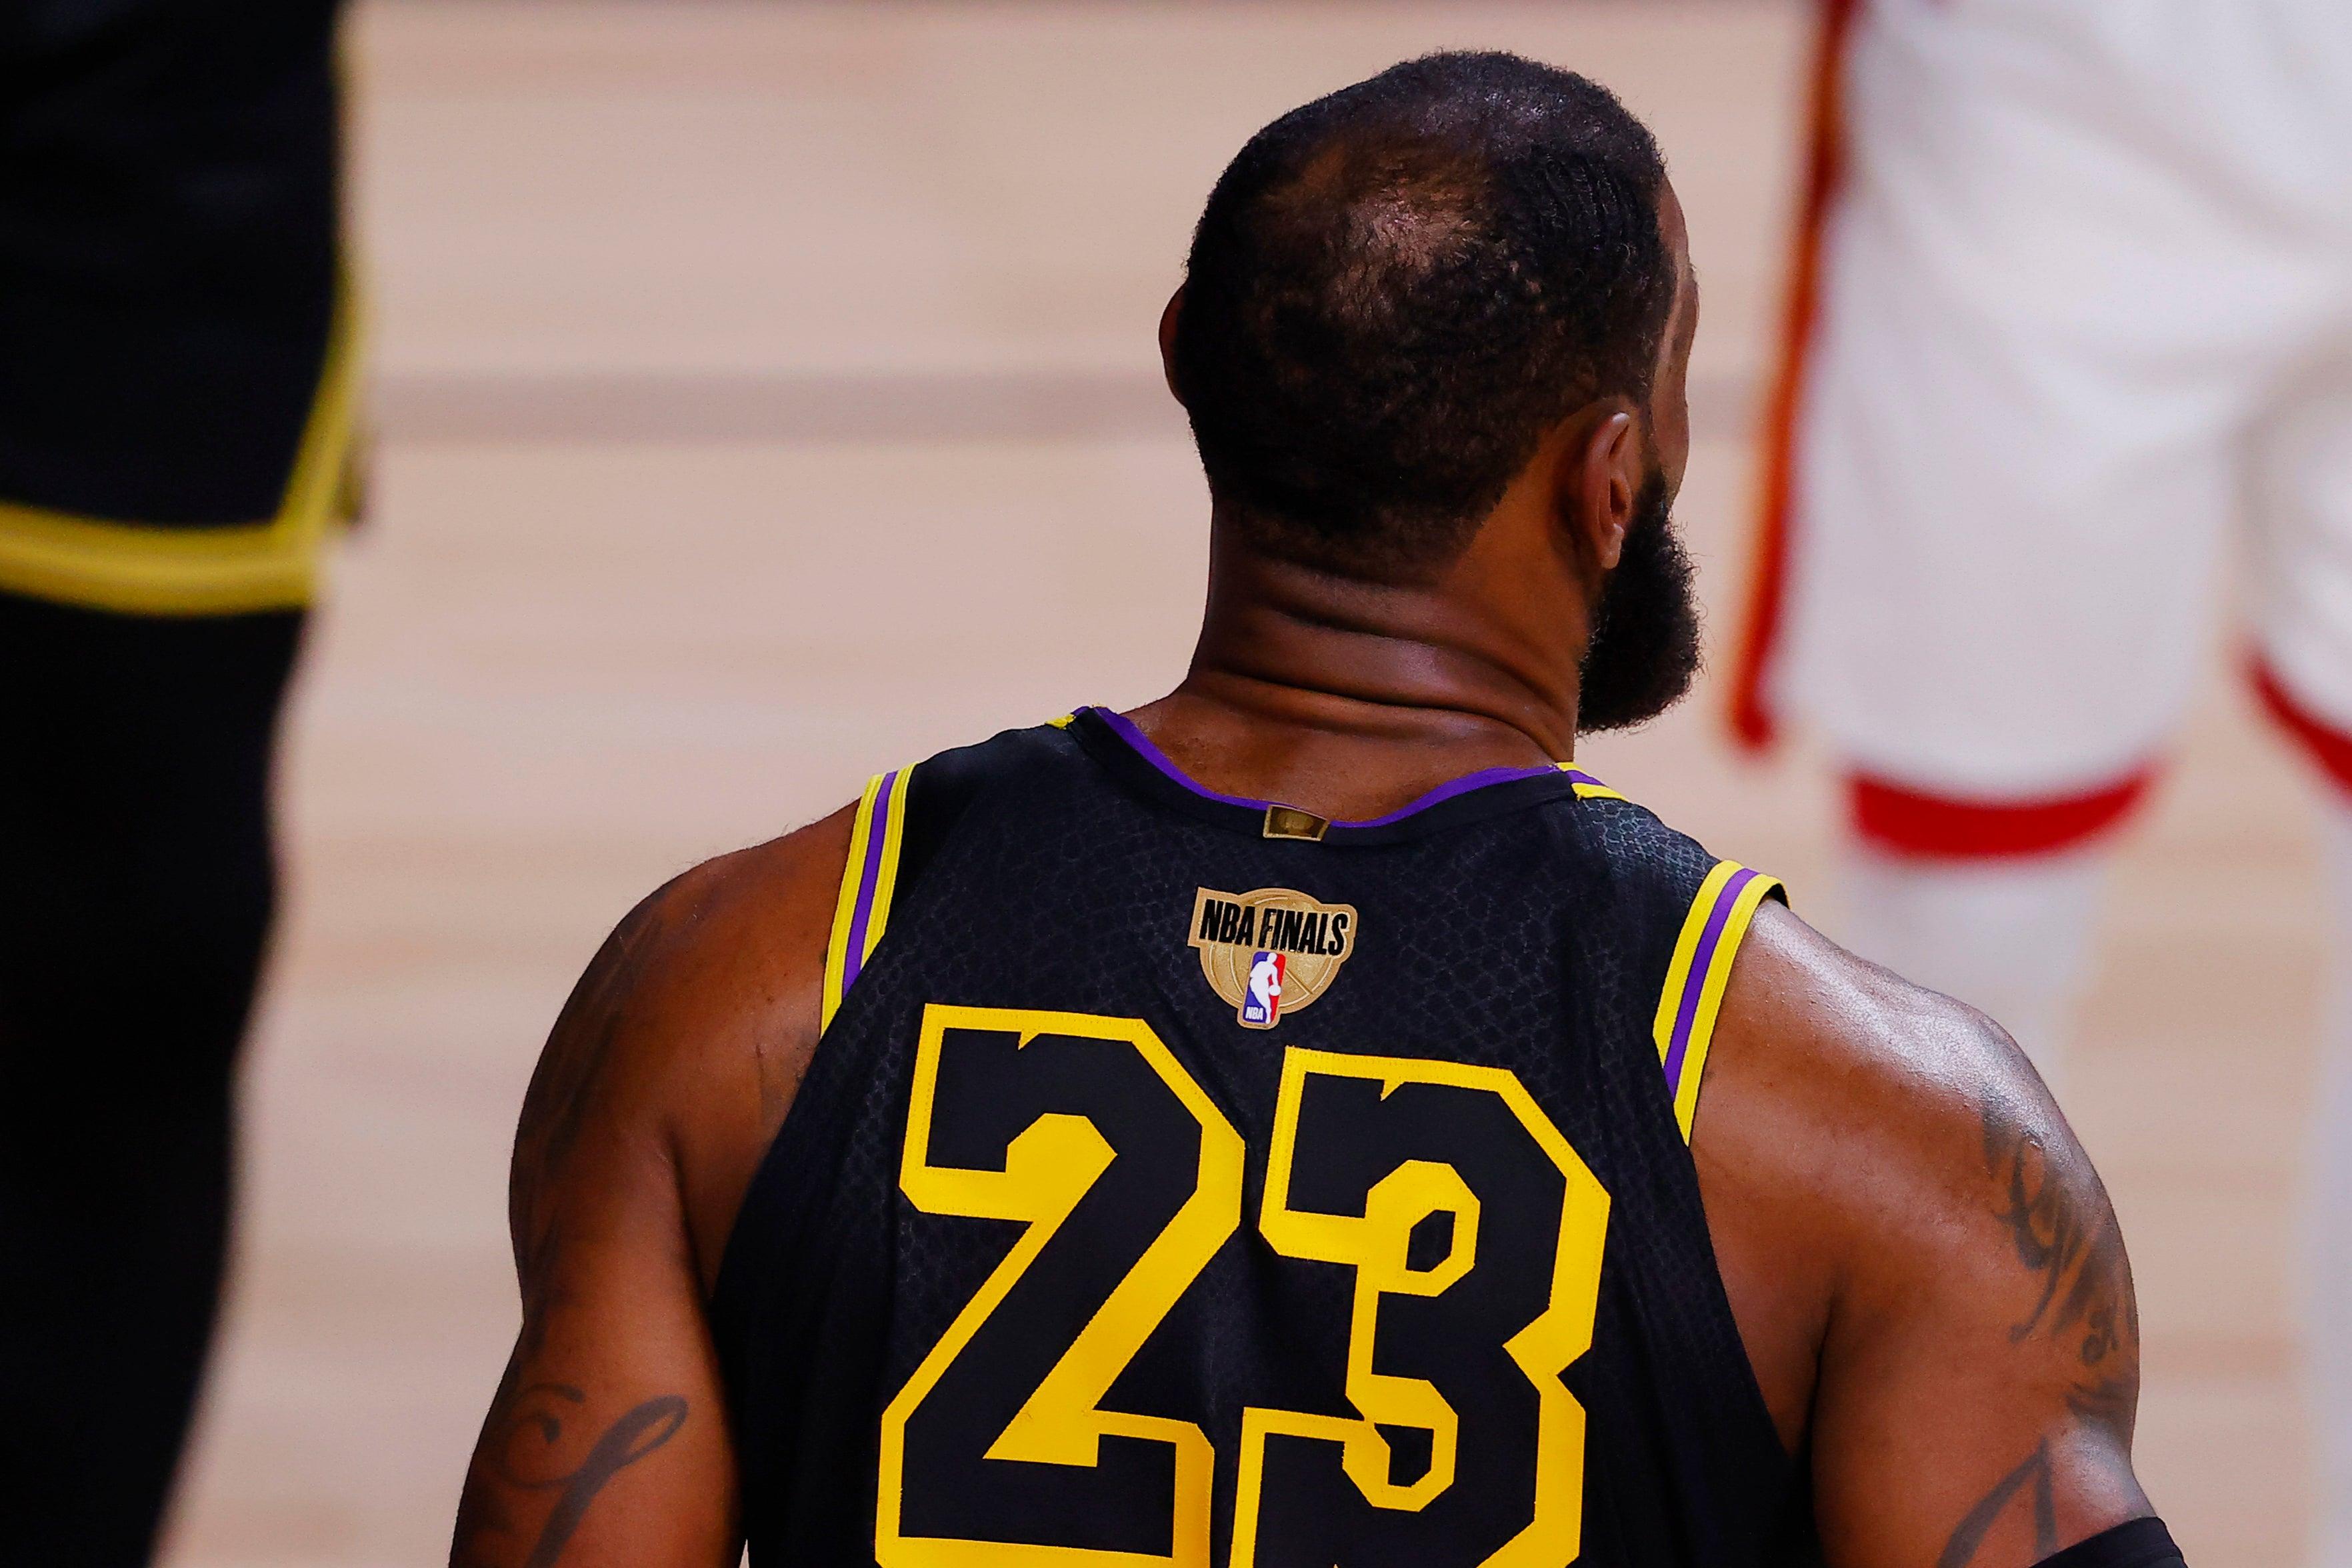 NBA Finals: LA Lakers to wear Kobe Bryant-inspired jerseys in ...